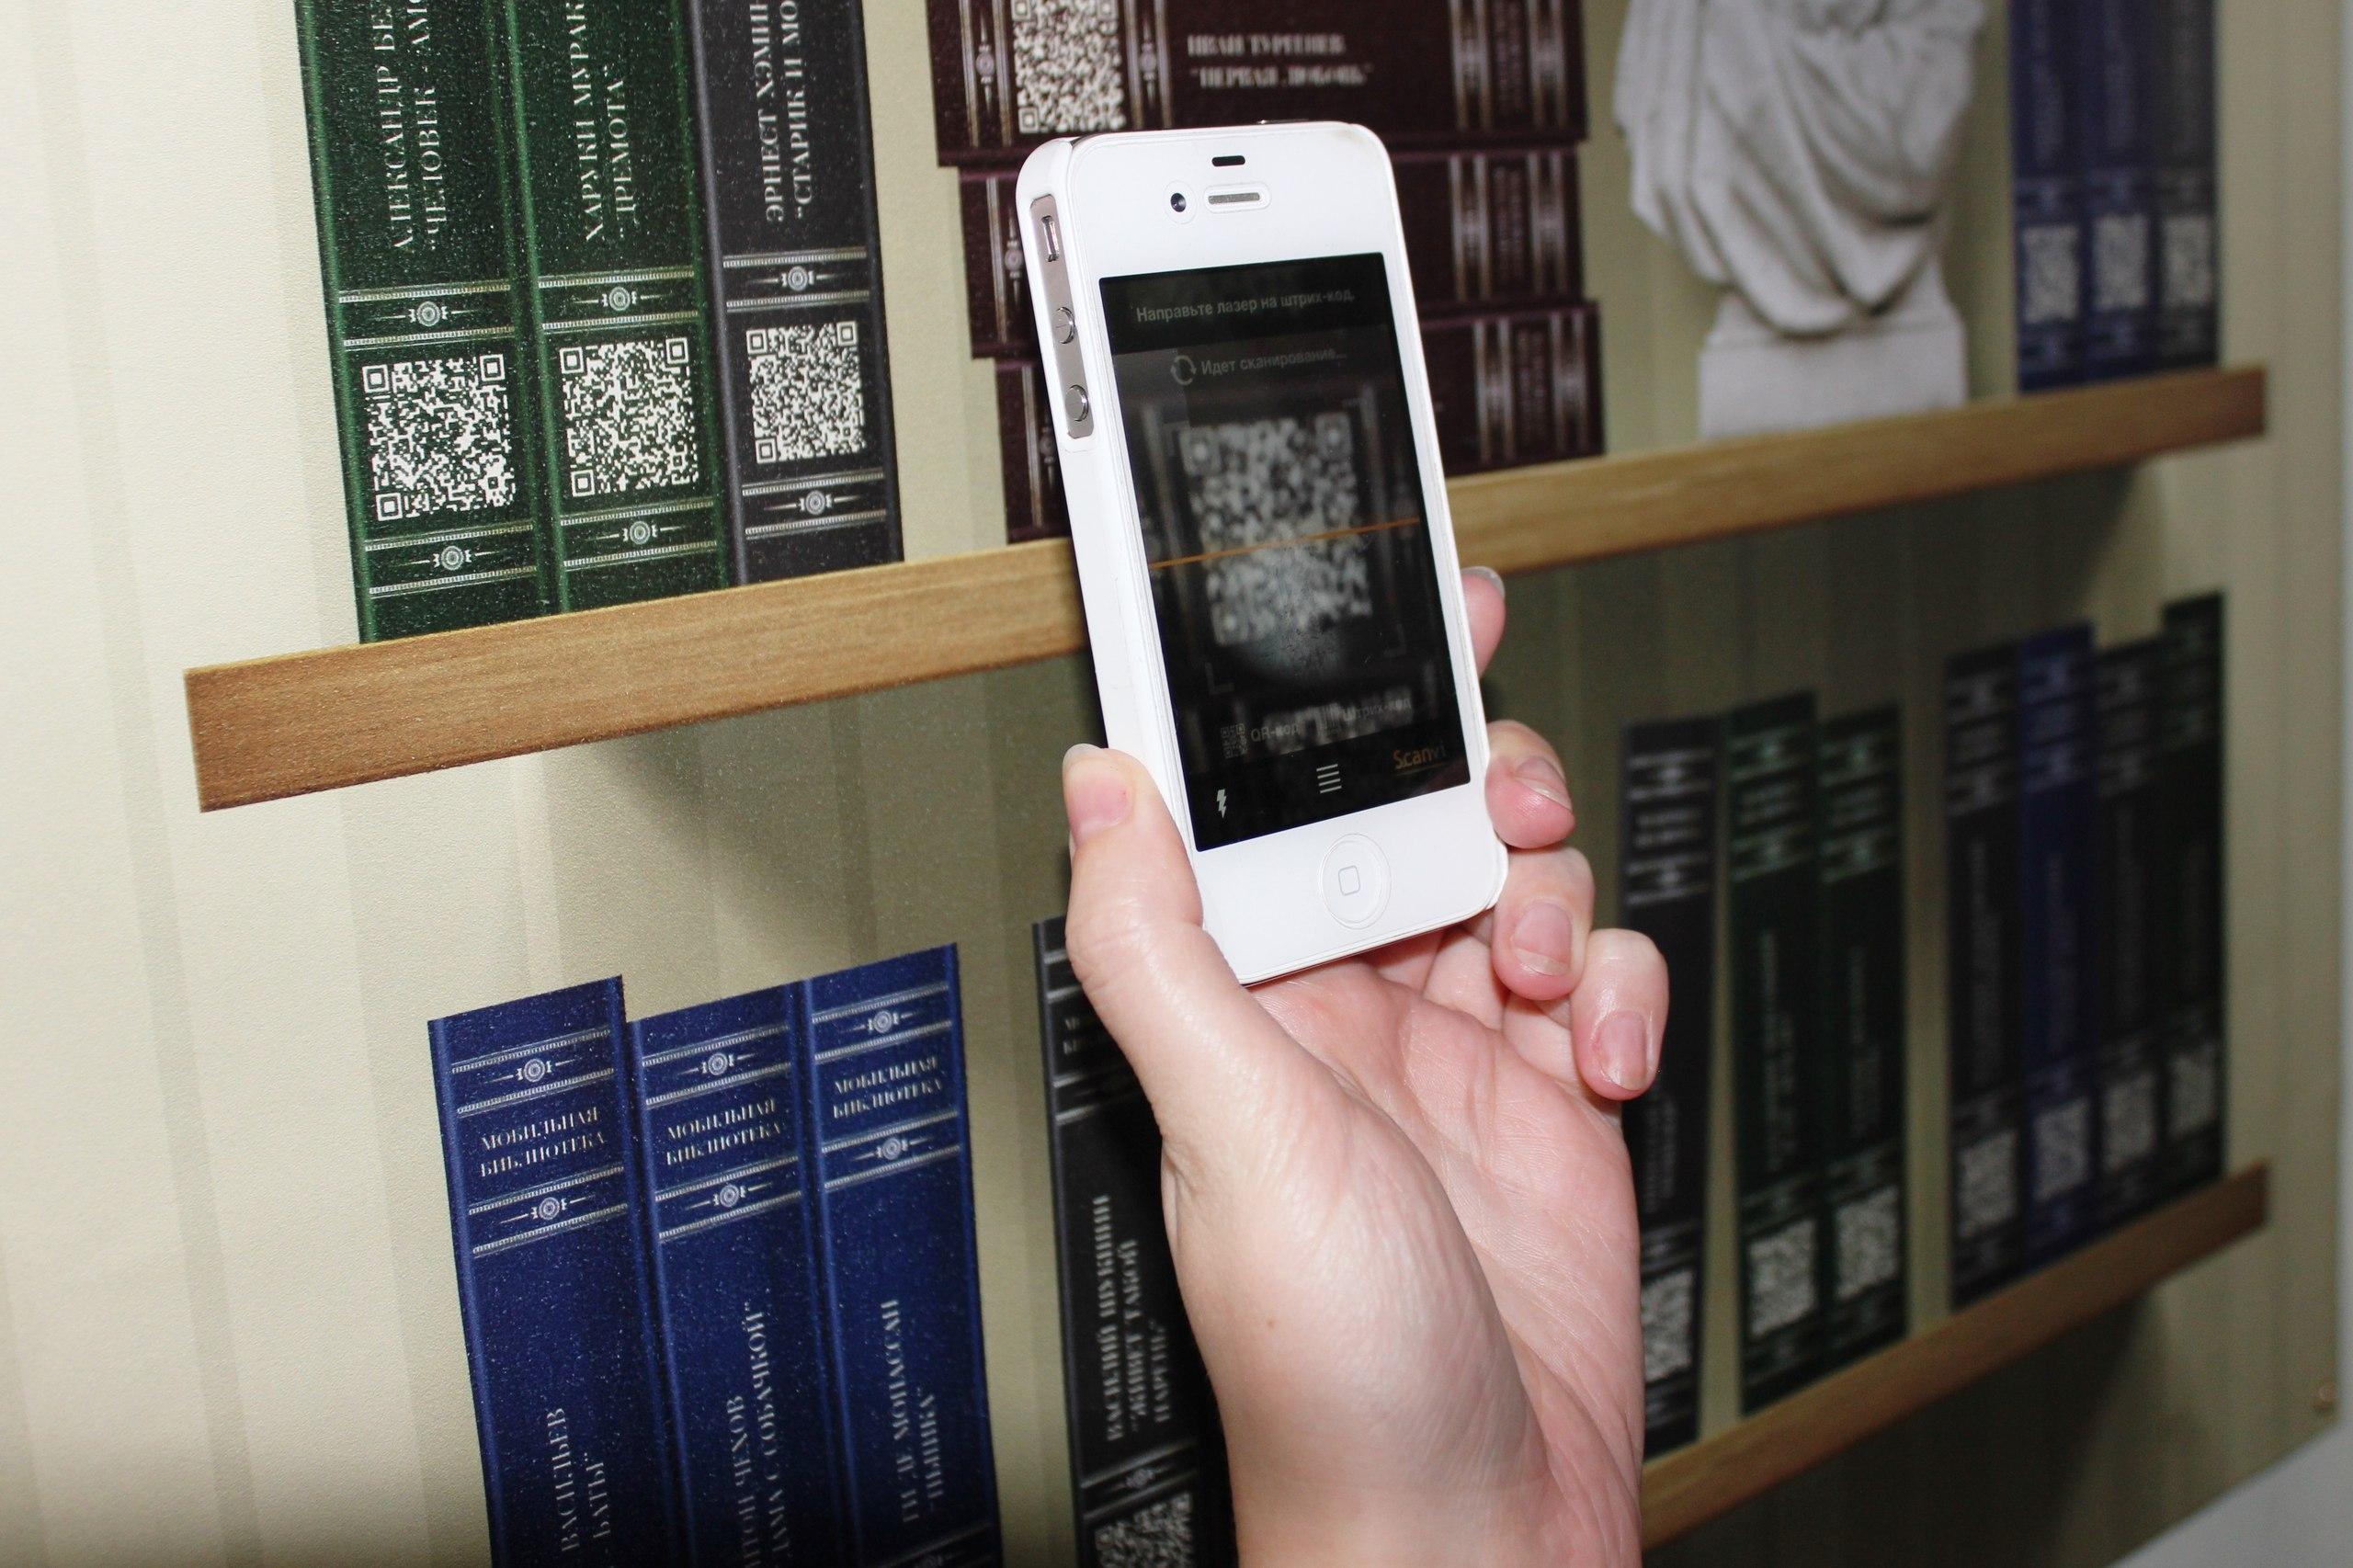 Мобильная библиотека с аудиокнигами